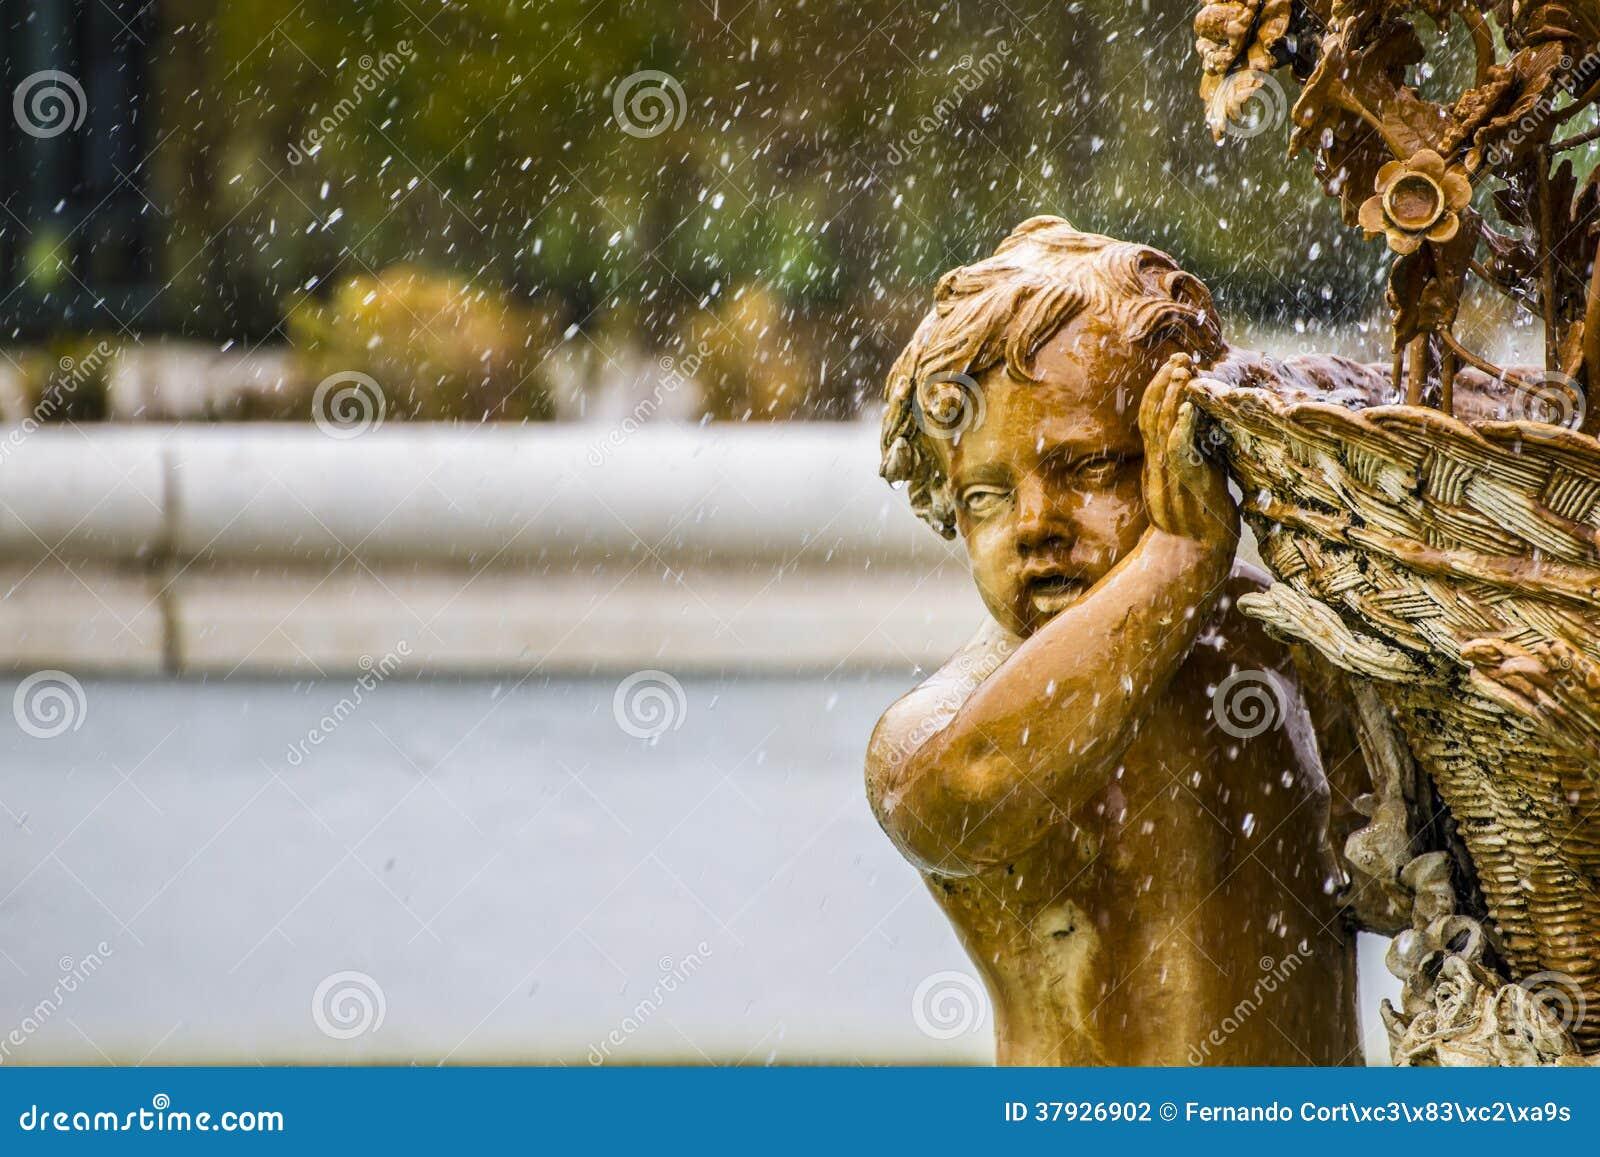 Орнаментальные фонтаны дворца Аранхуэса, Мадрида, Spain.Wo